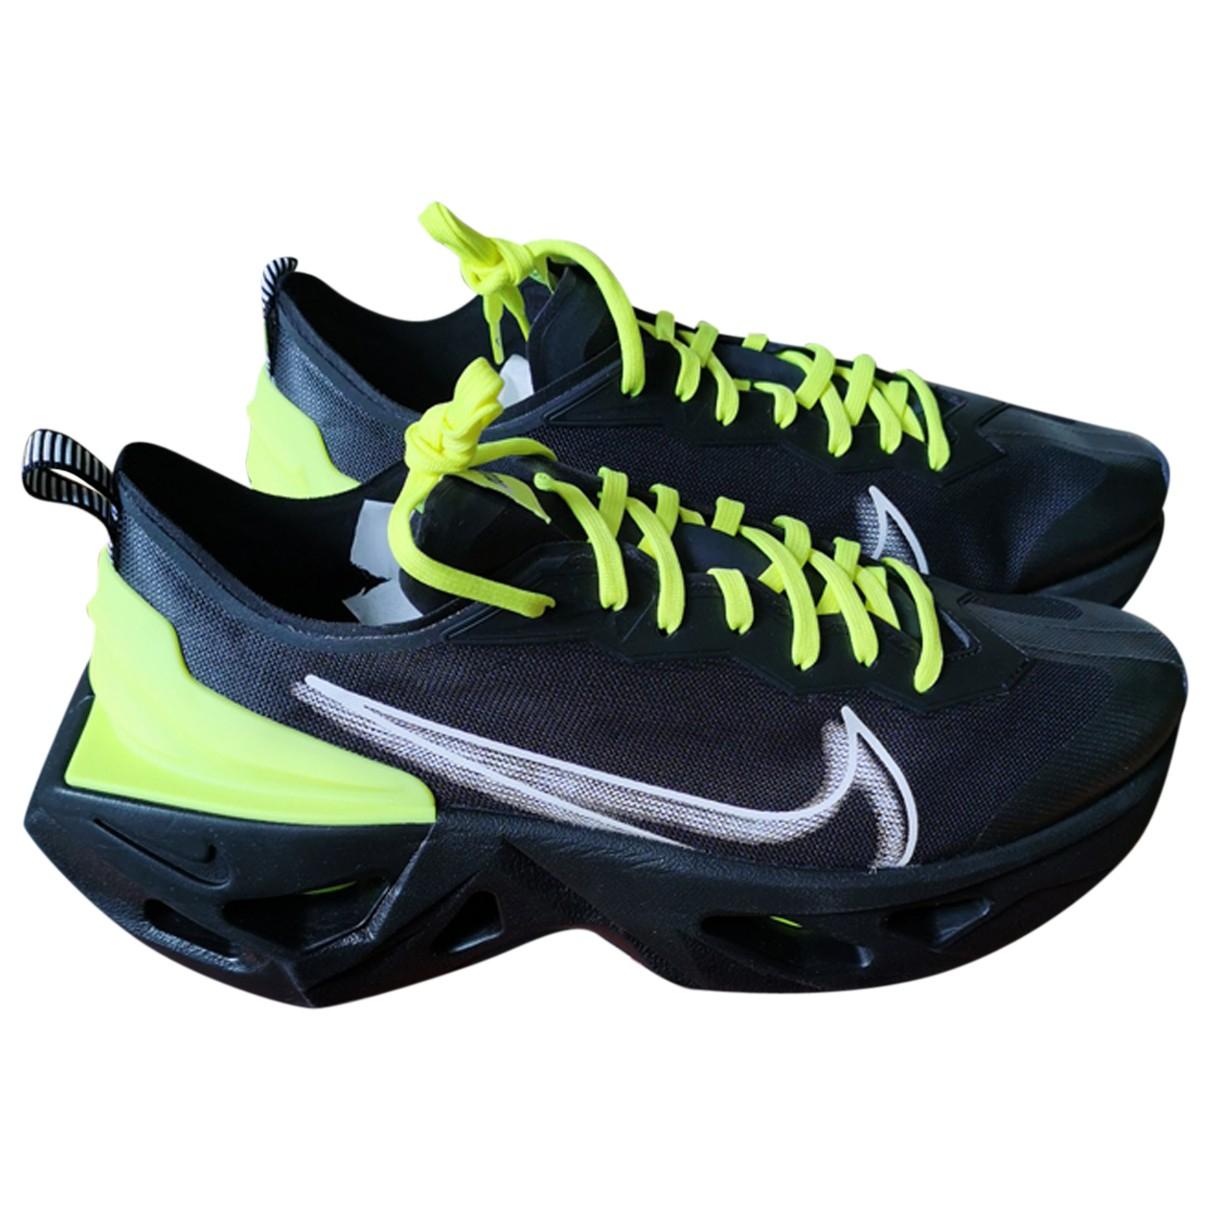 Deportivas Zoom X Vista Grind de Lona Nike